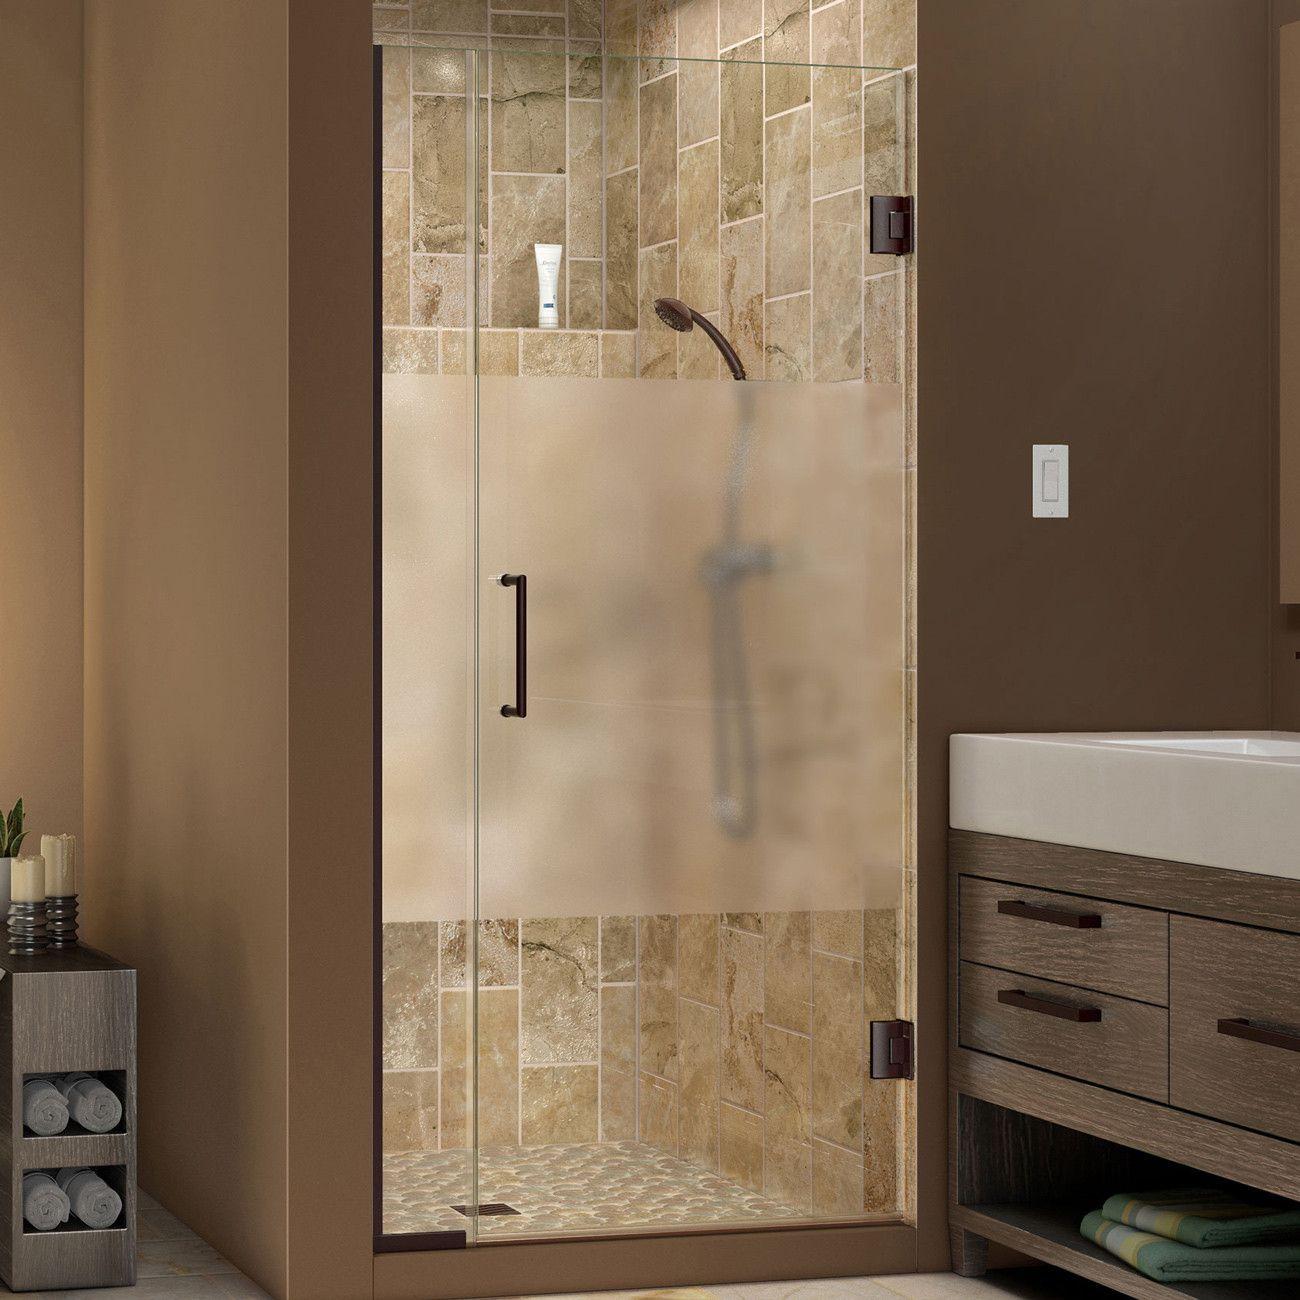 Dreamline Shdr 243557210 Hfr 06 Unidoor Plus 35 1 2 To 36 In W X 72 In H Shower Door Half Frost Shower Doors Glass Shower Doors Frameless Hinged Shower Door